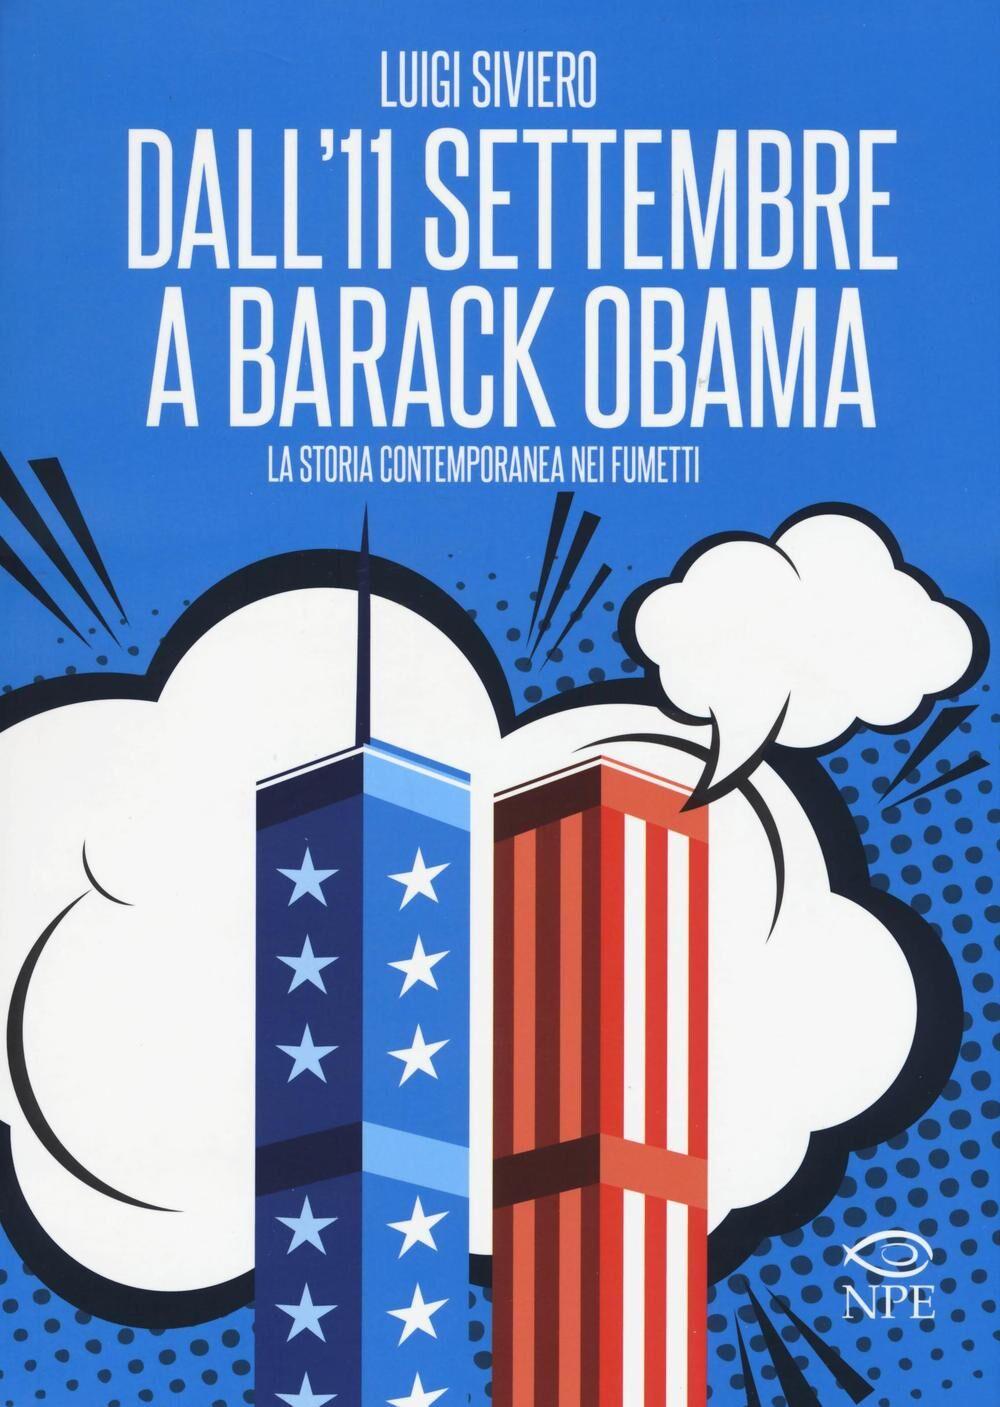 Dall'11 settembre a Barack Obama. La storia contemporanea nei fumetti